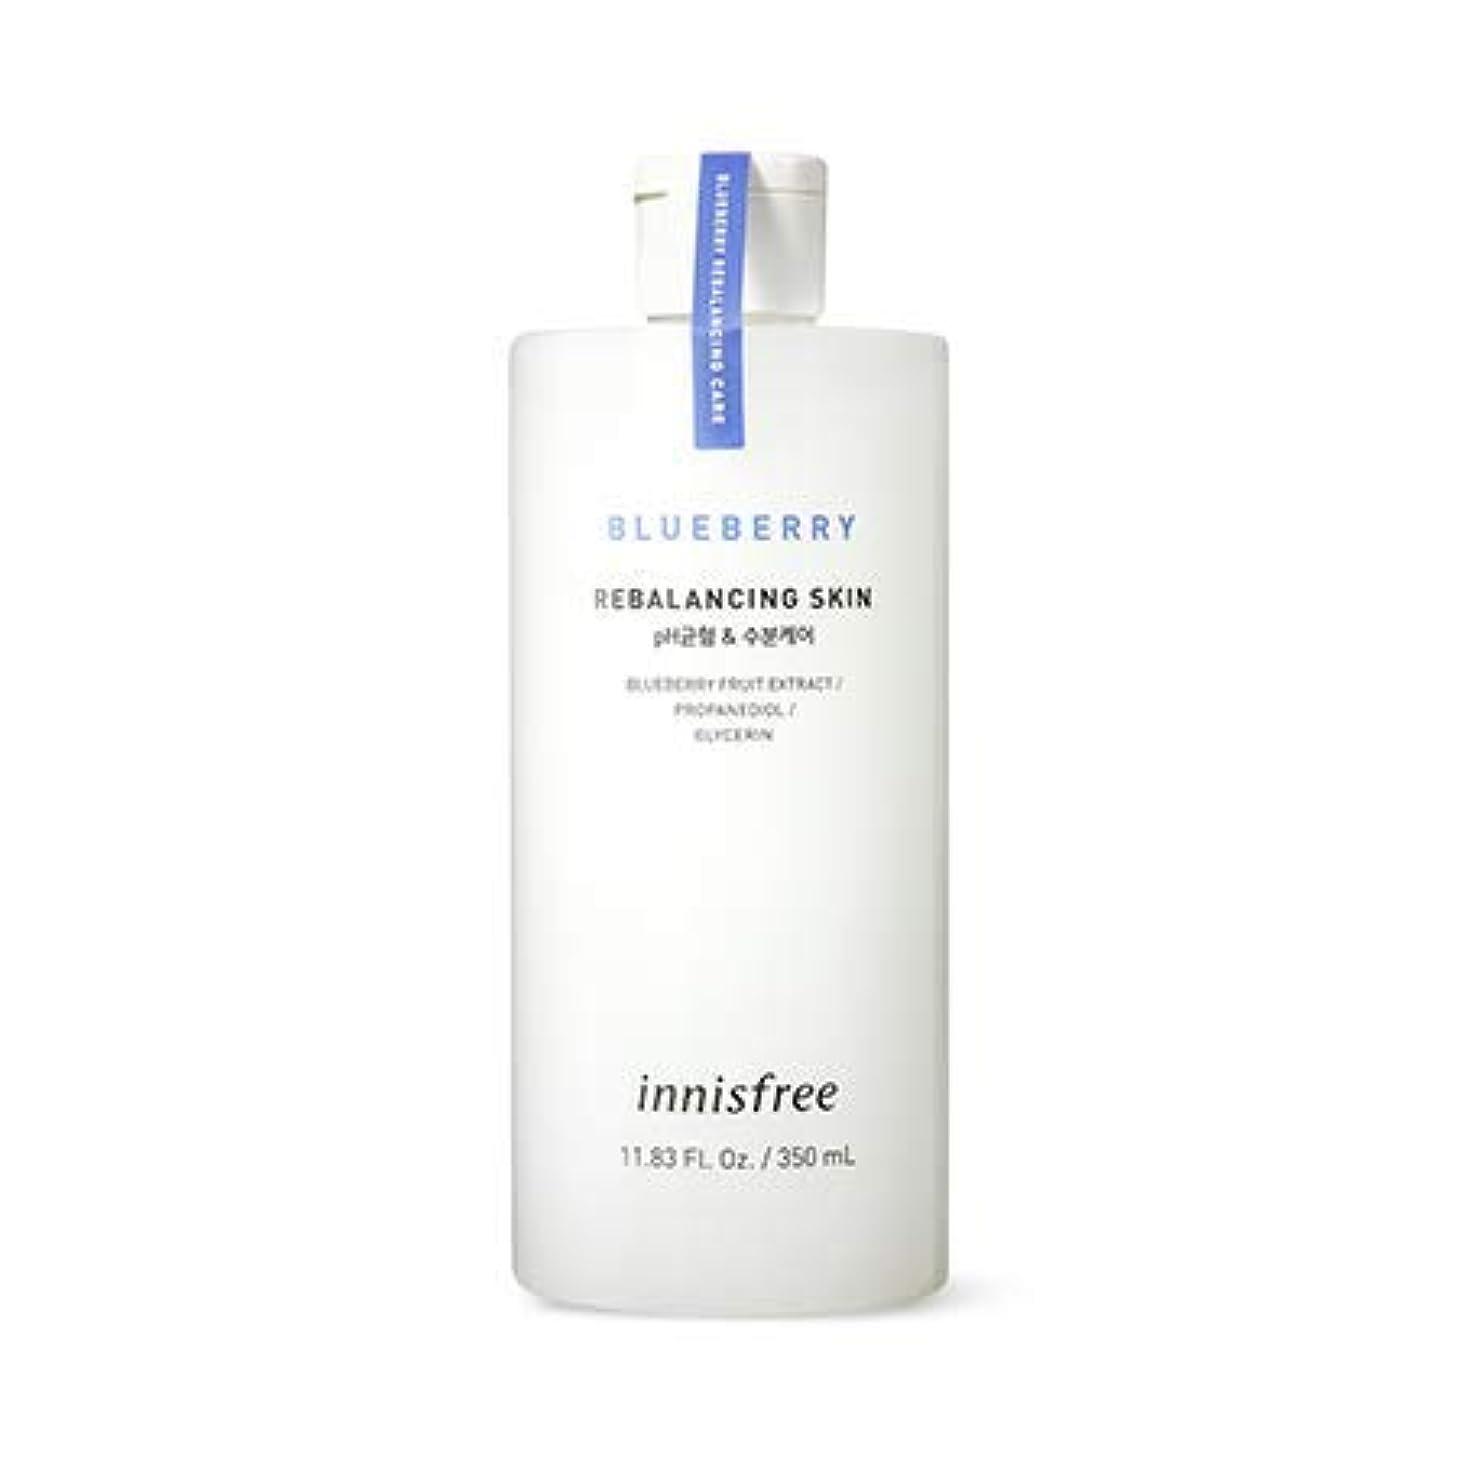 コンプライアンス細胞テスピアン[イニスフリー.innisfree]ブルーベリーリバランシングスキン(2019新発売)/ Blueberry Rebalancing Skin (大容量(350ml))